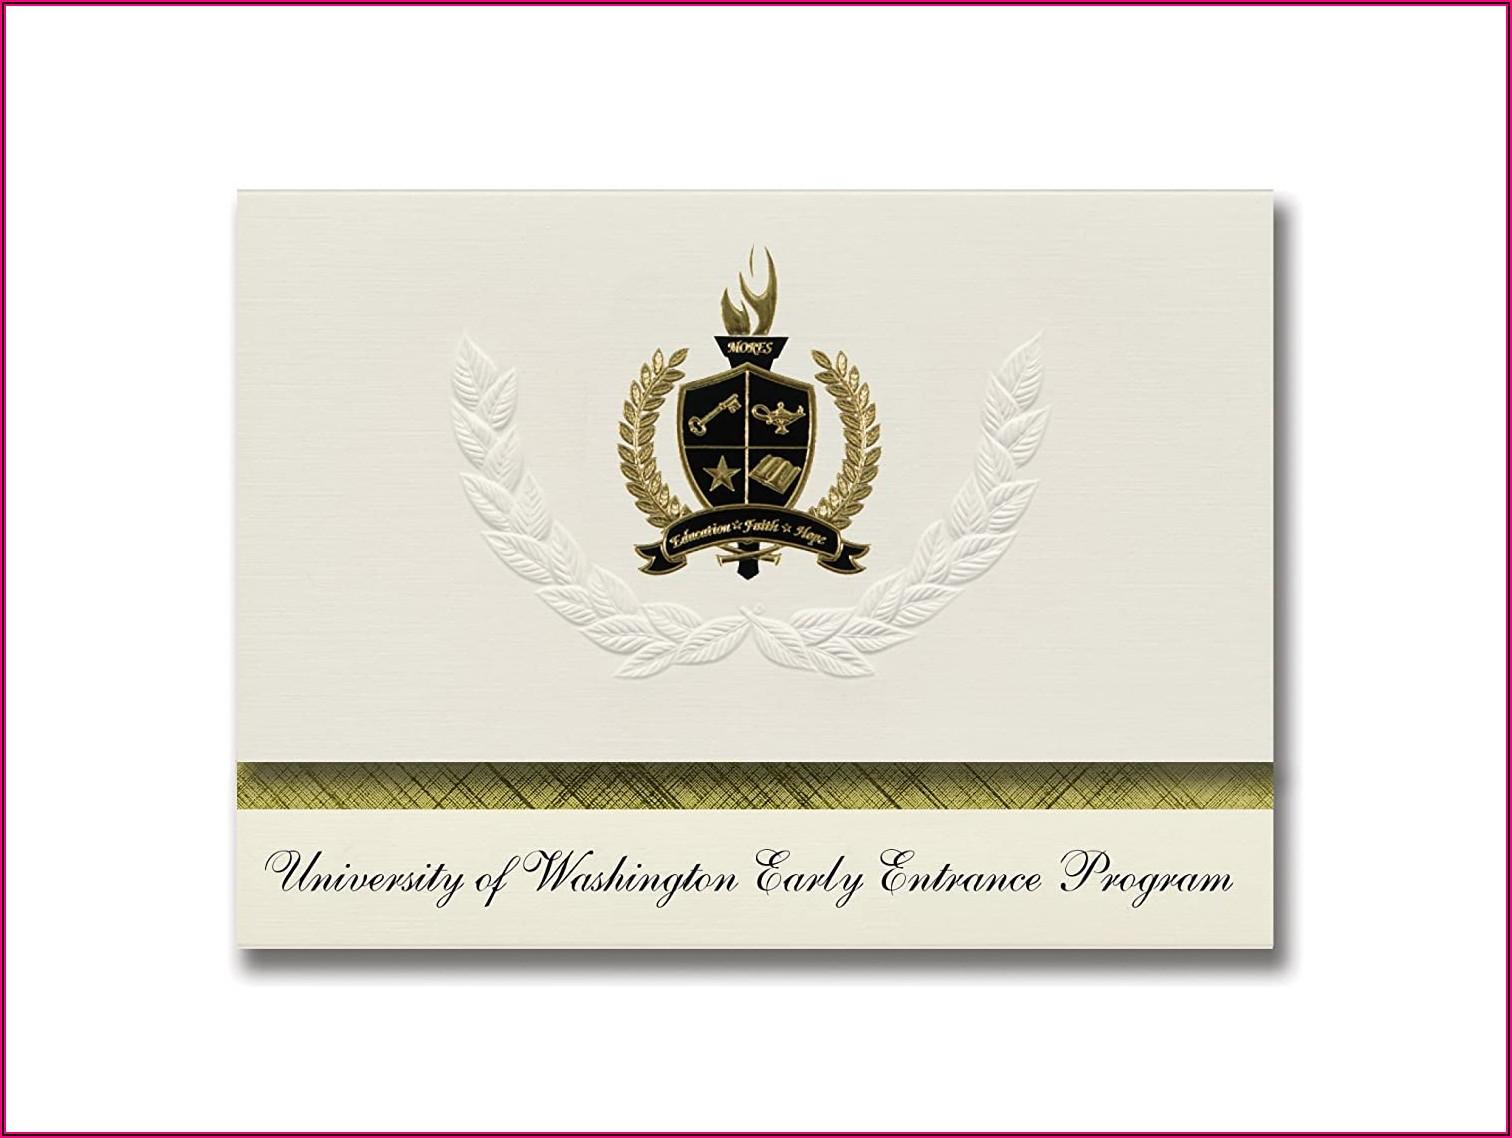 Seattle University Graduation Announcements